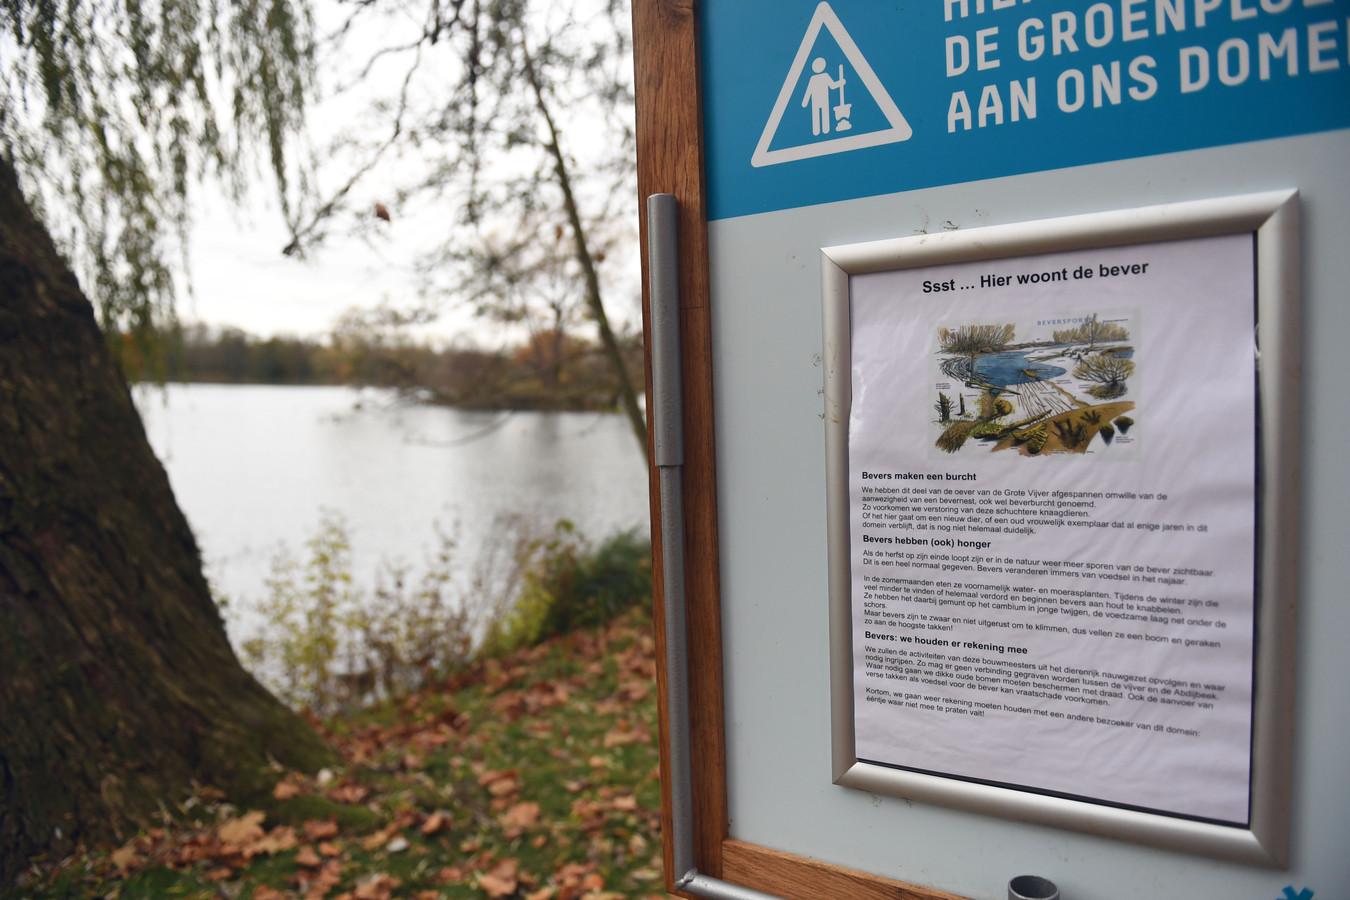 De bezoekers van het provinciedomein in Kessel-Lo krijgen meer informatie over de bever.